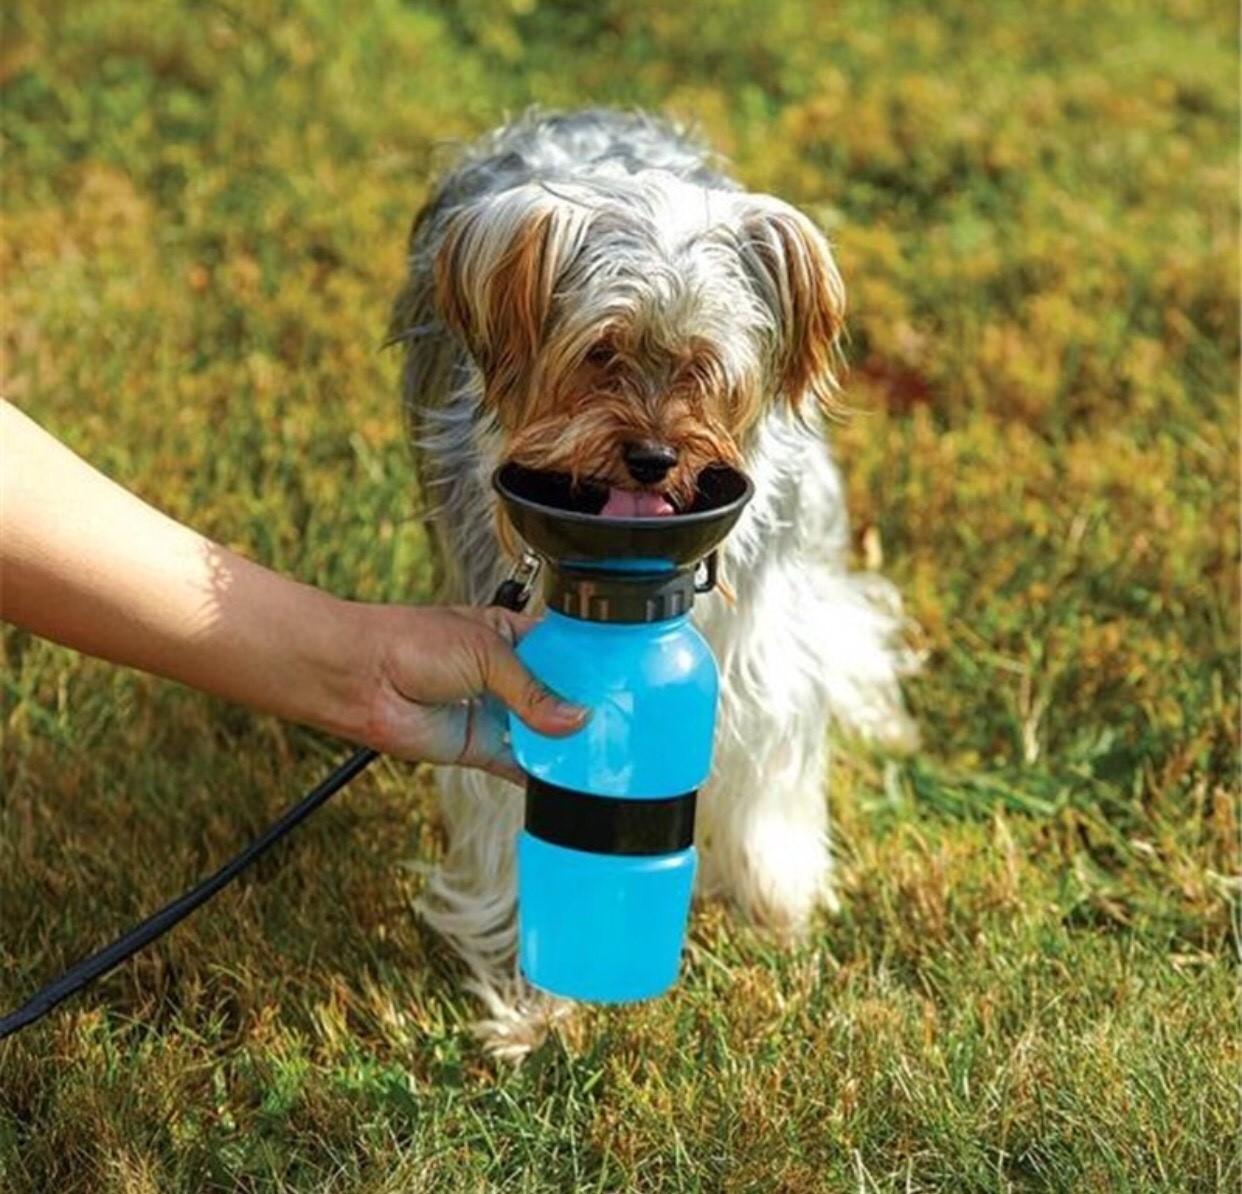 ขวดน้ำสัตว์เลี้ยงแบบพกพา ขวดน้ำหมา ขวดน้ำ ขวดให้น้ำ สุนัขและแมว แบบพกพา